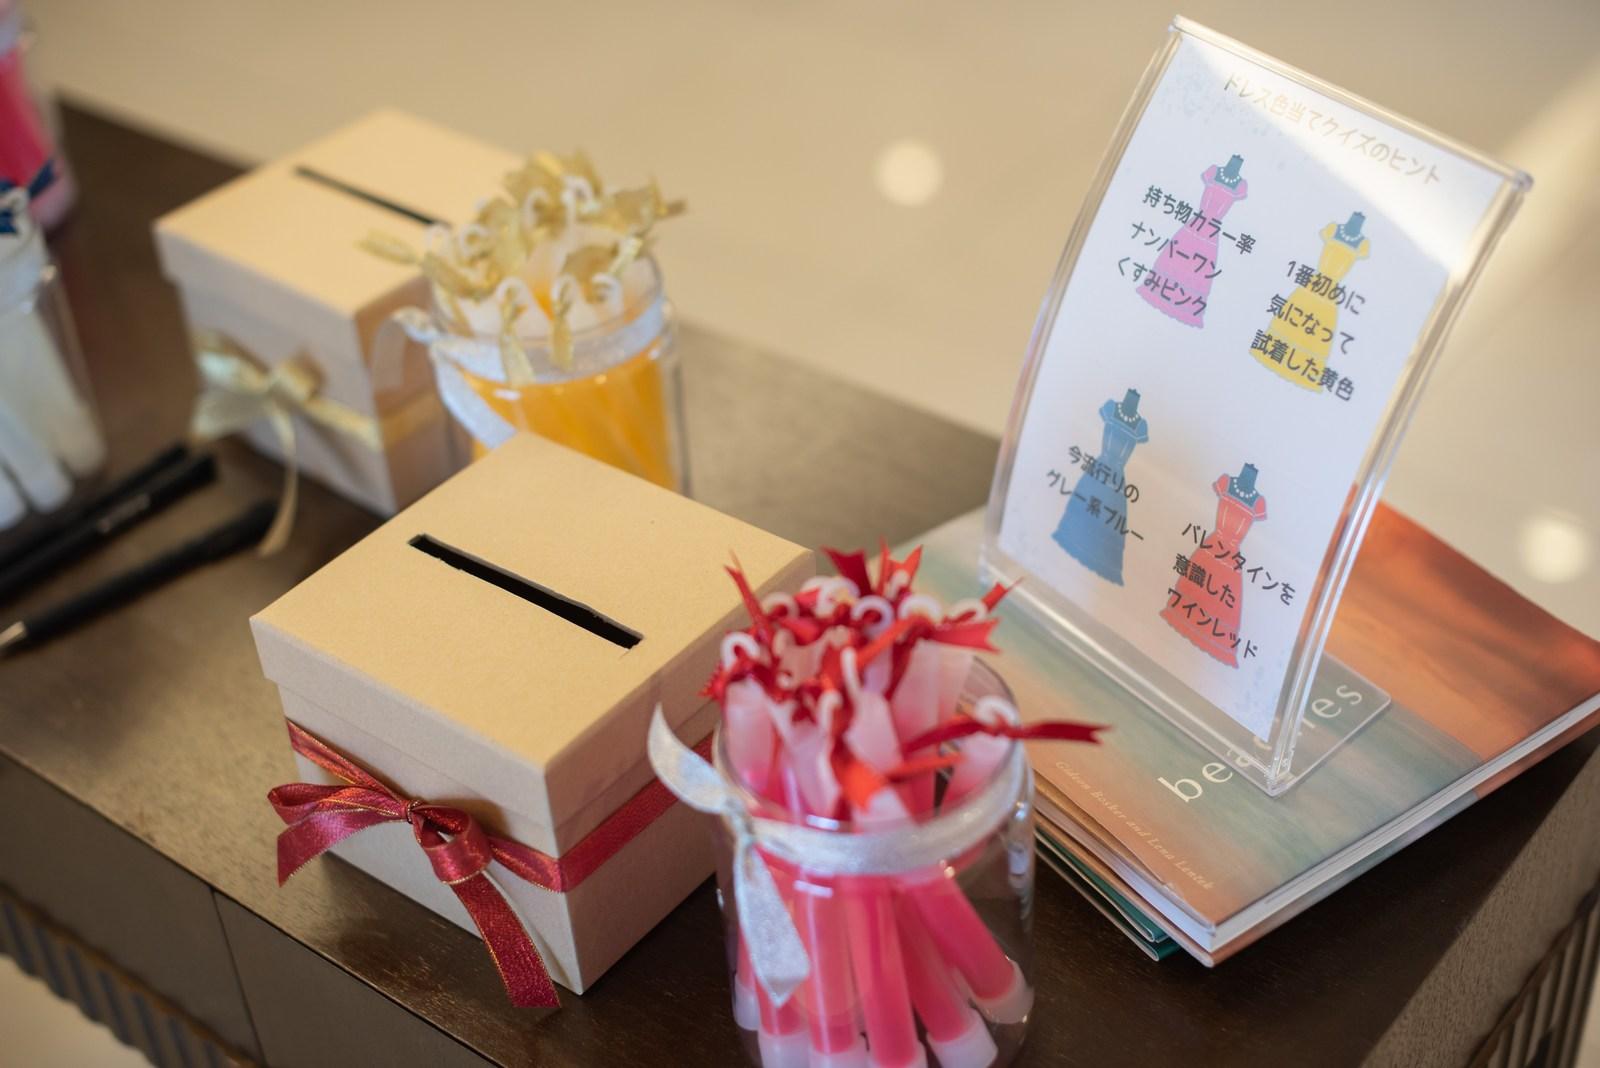 徳島市の結婚式場ブランアンジュで手作りしたドレス色当てクイズの投票BOXとペンなど